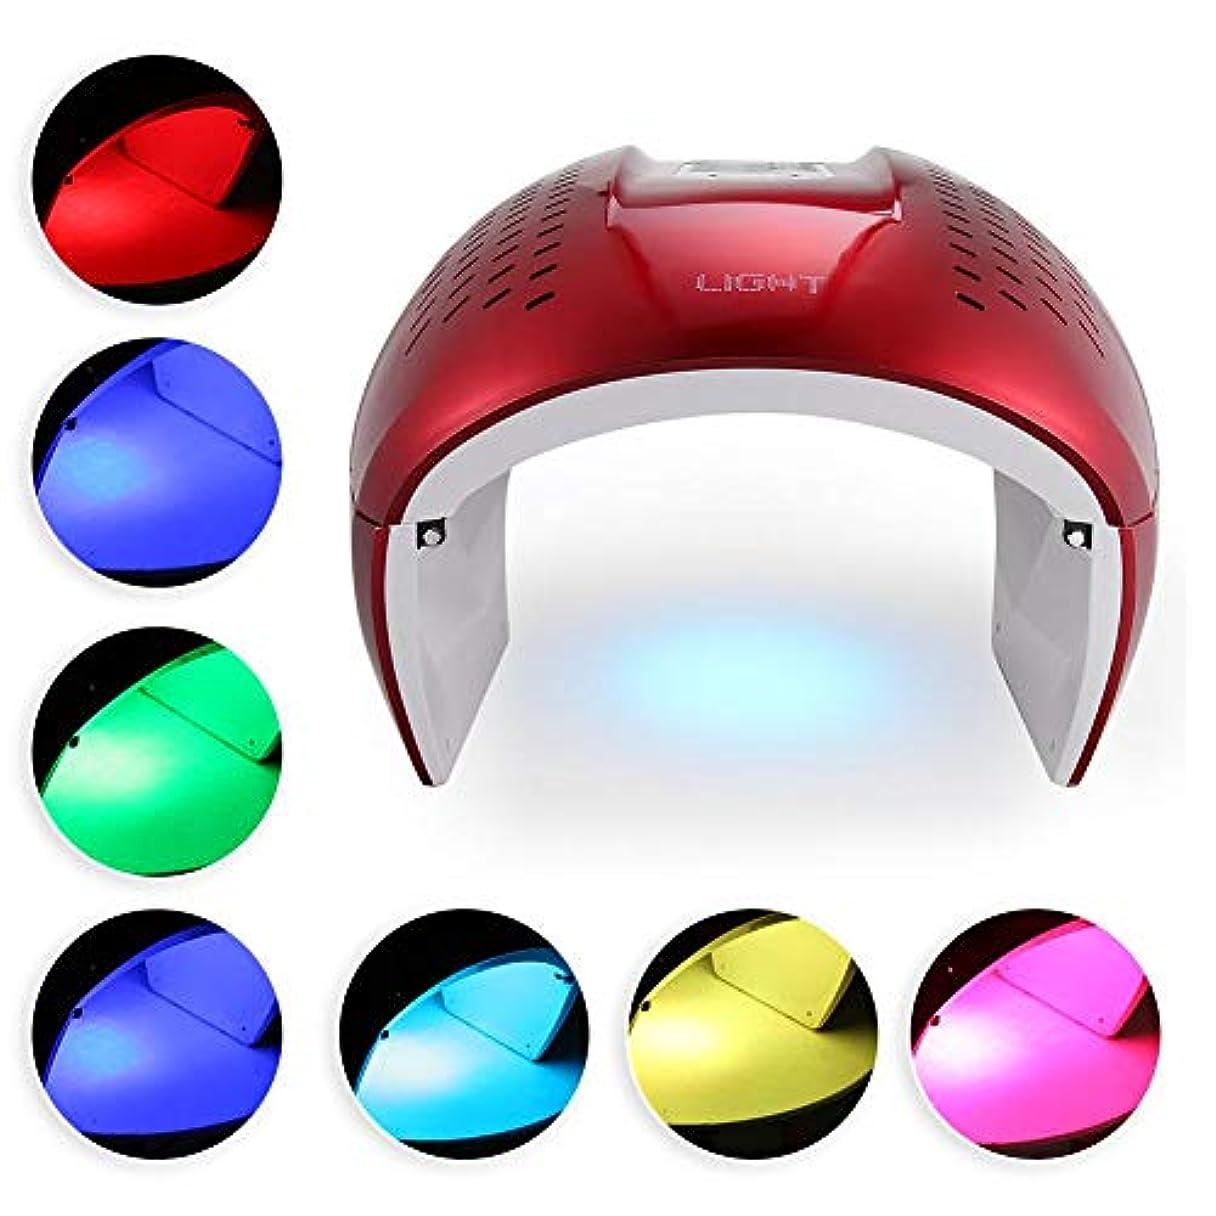 機関車スマッシュ7色のPDT LEDレッドブルーライトフェイスマシンセラピーアンチにきびの除去顔の皮膚の若返りライトセラピー美容デバイスのマスク